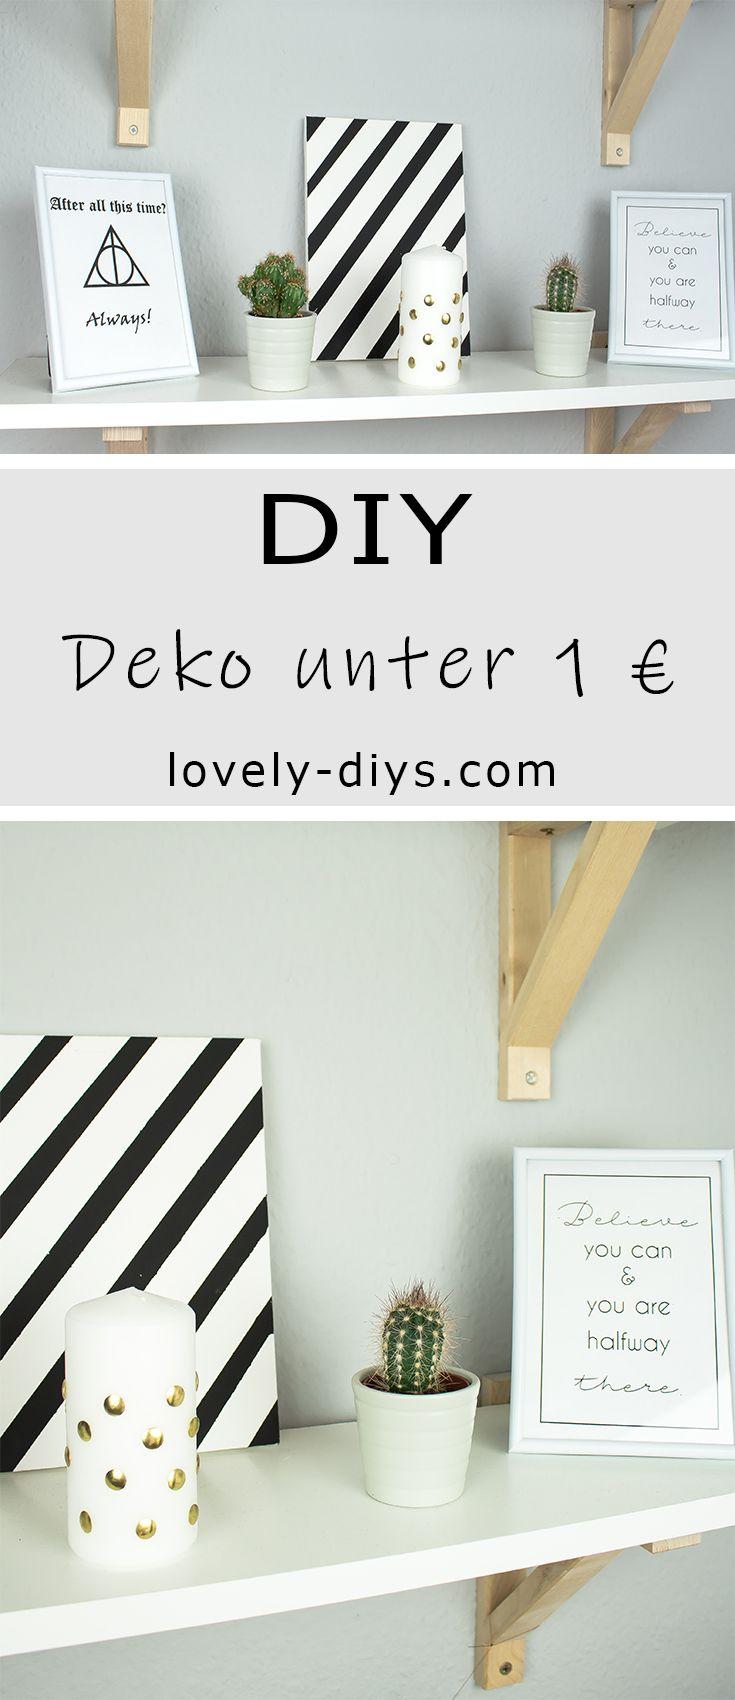 3 Schone Diy Deko Ideen Unter 1 Euro Basteln Diy Deko Ideen Deko Ideen Diy Deko